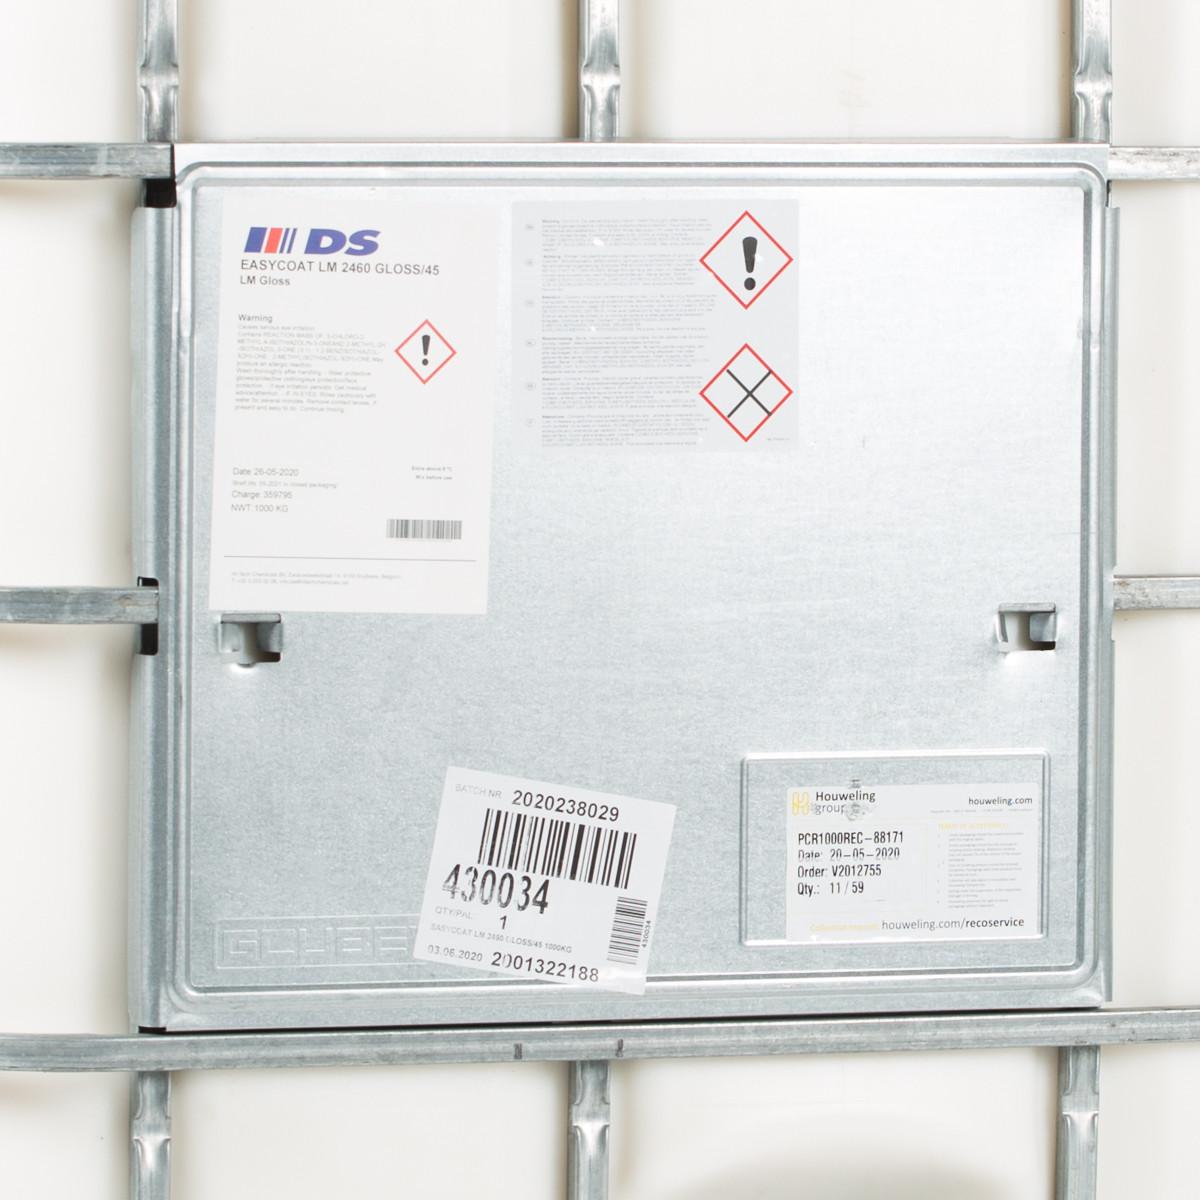 EASYCOAT LM 2460 GLOSS/45   1000KG